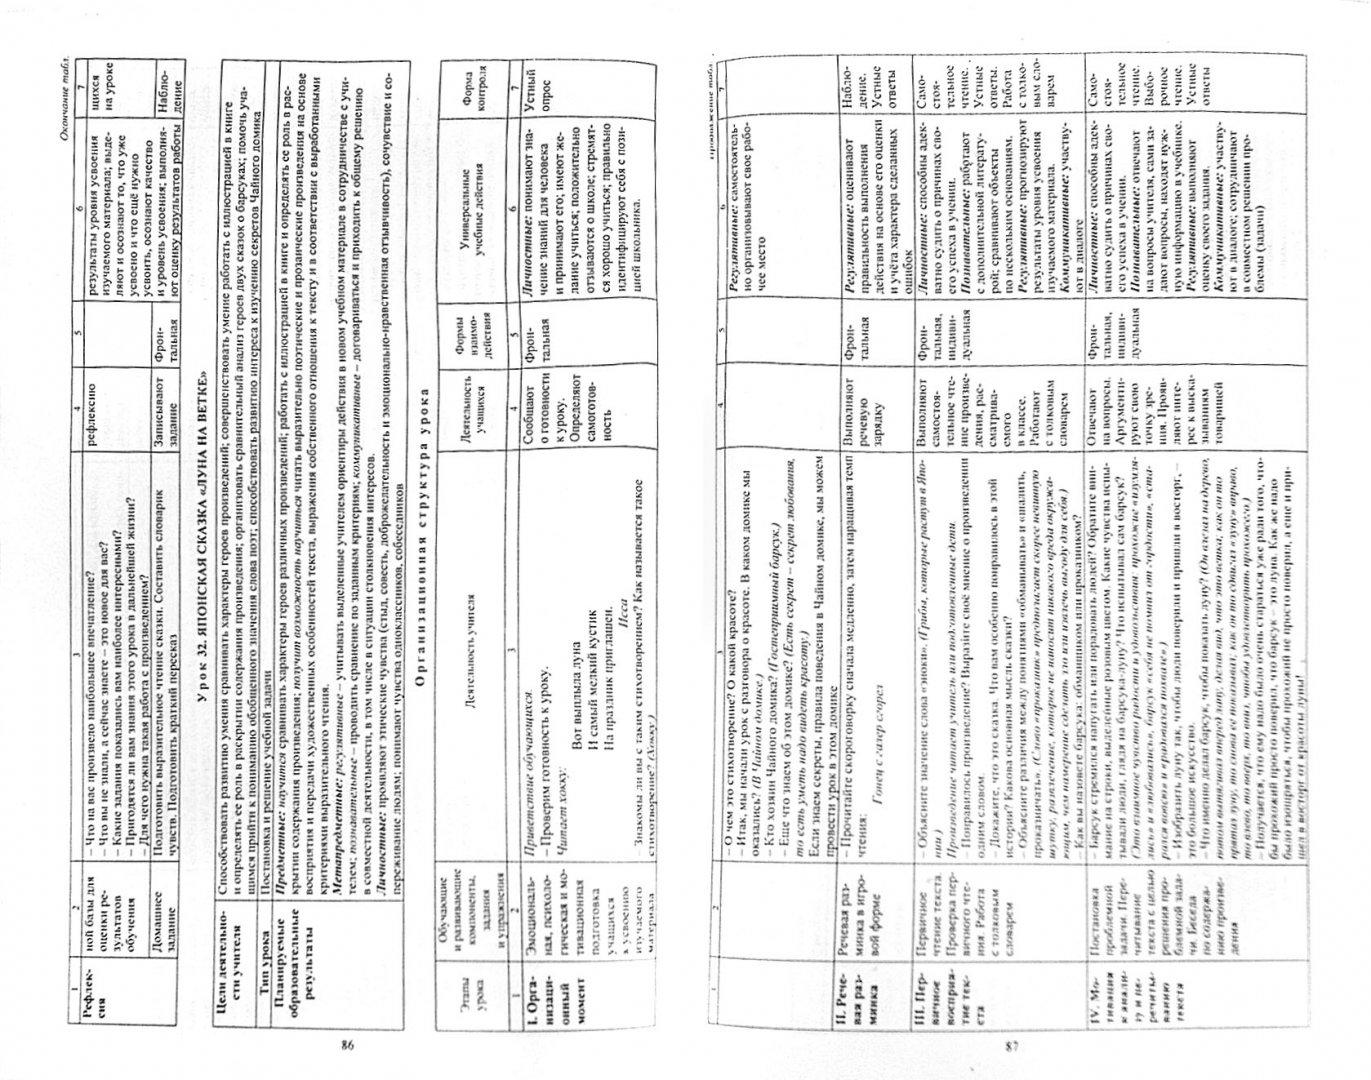 Иллюстрация 1 из 5 для Литературное чтение. 2 класс: технологические карты уроков по учебнику Н. А. Чураковой. Ч. I.  ФГОС - Анна Лободина   Лабиринт - книги. Источник: Лабиринт